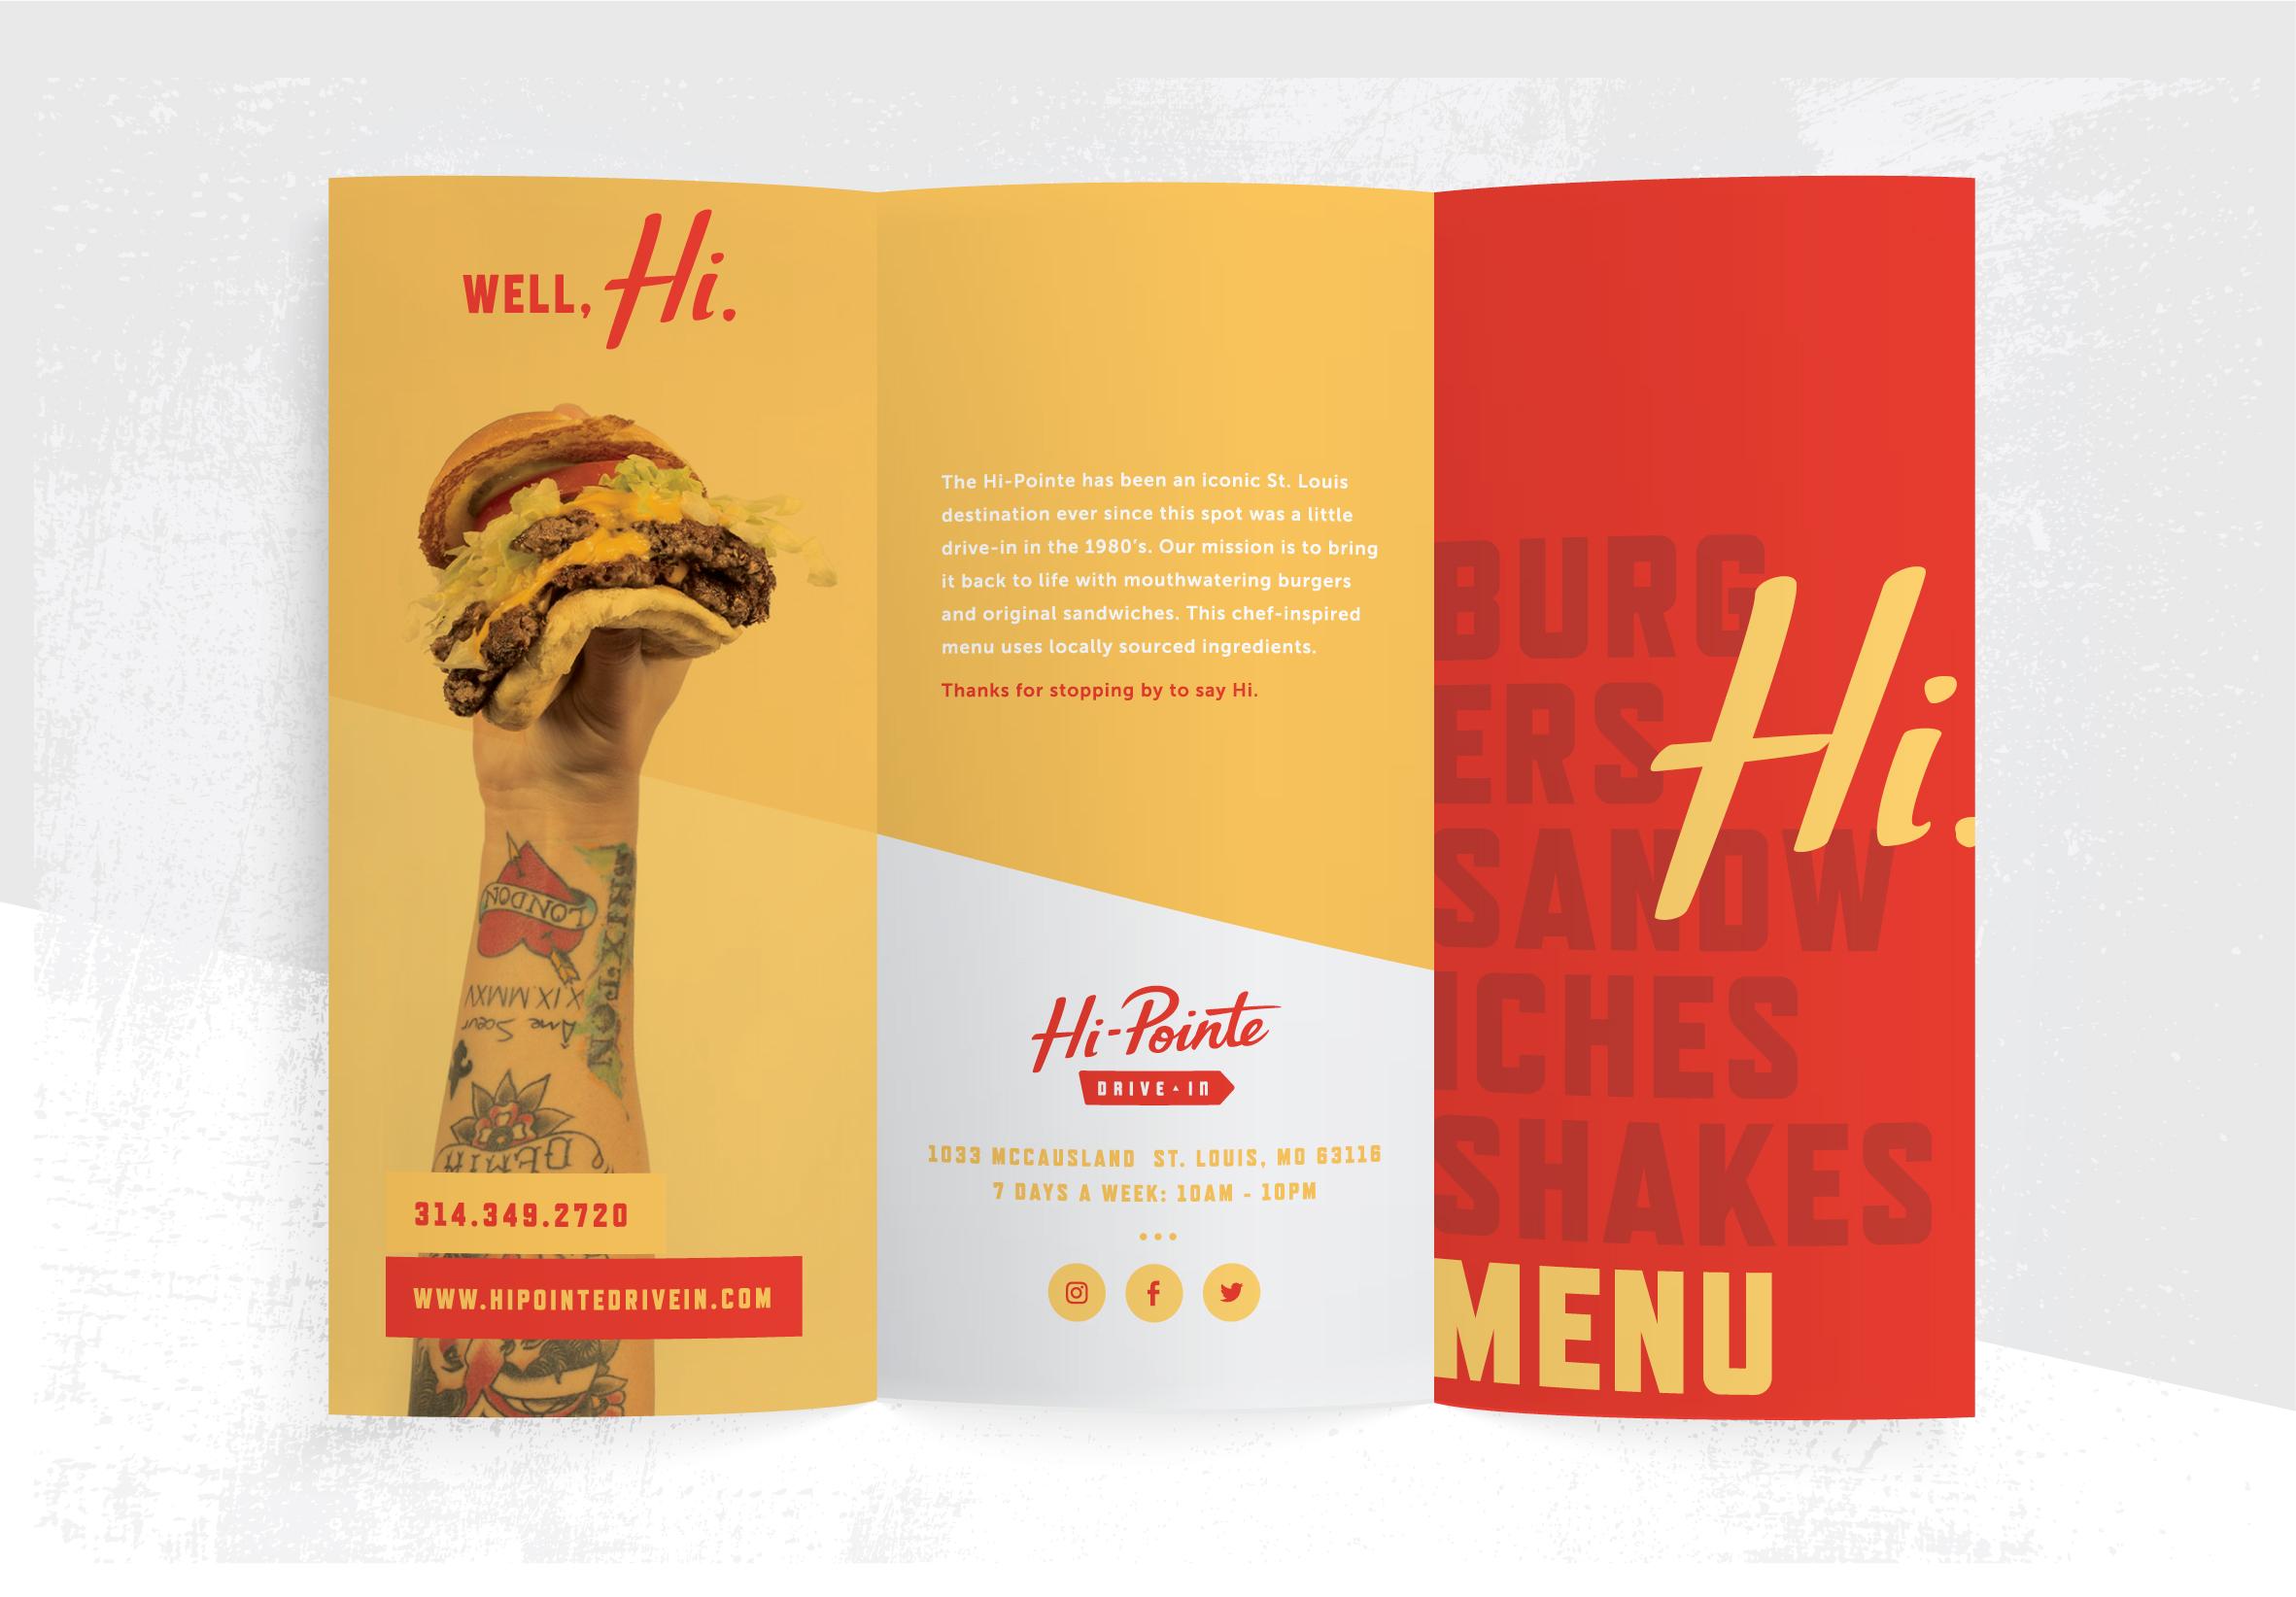 Restaurant Brand Development and Design St. Louis